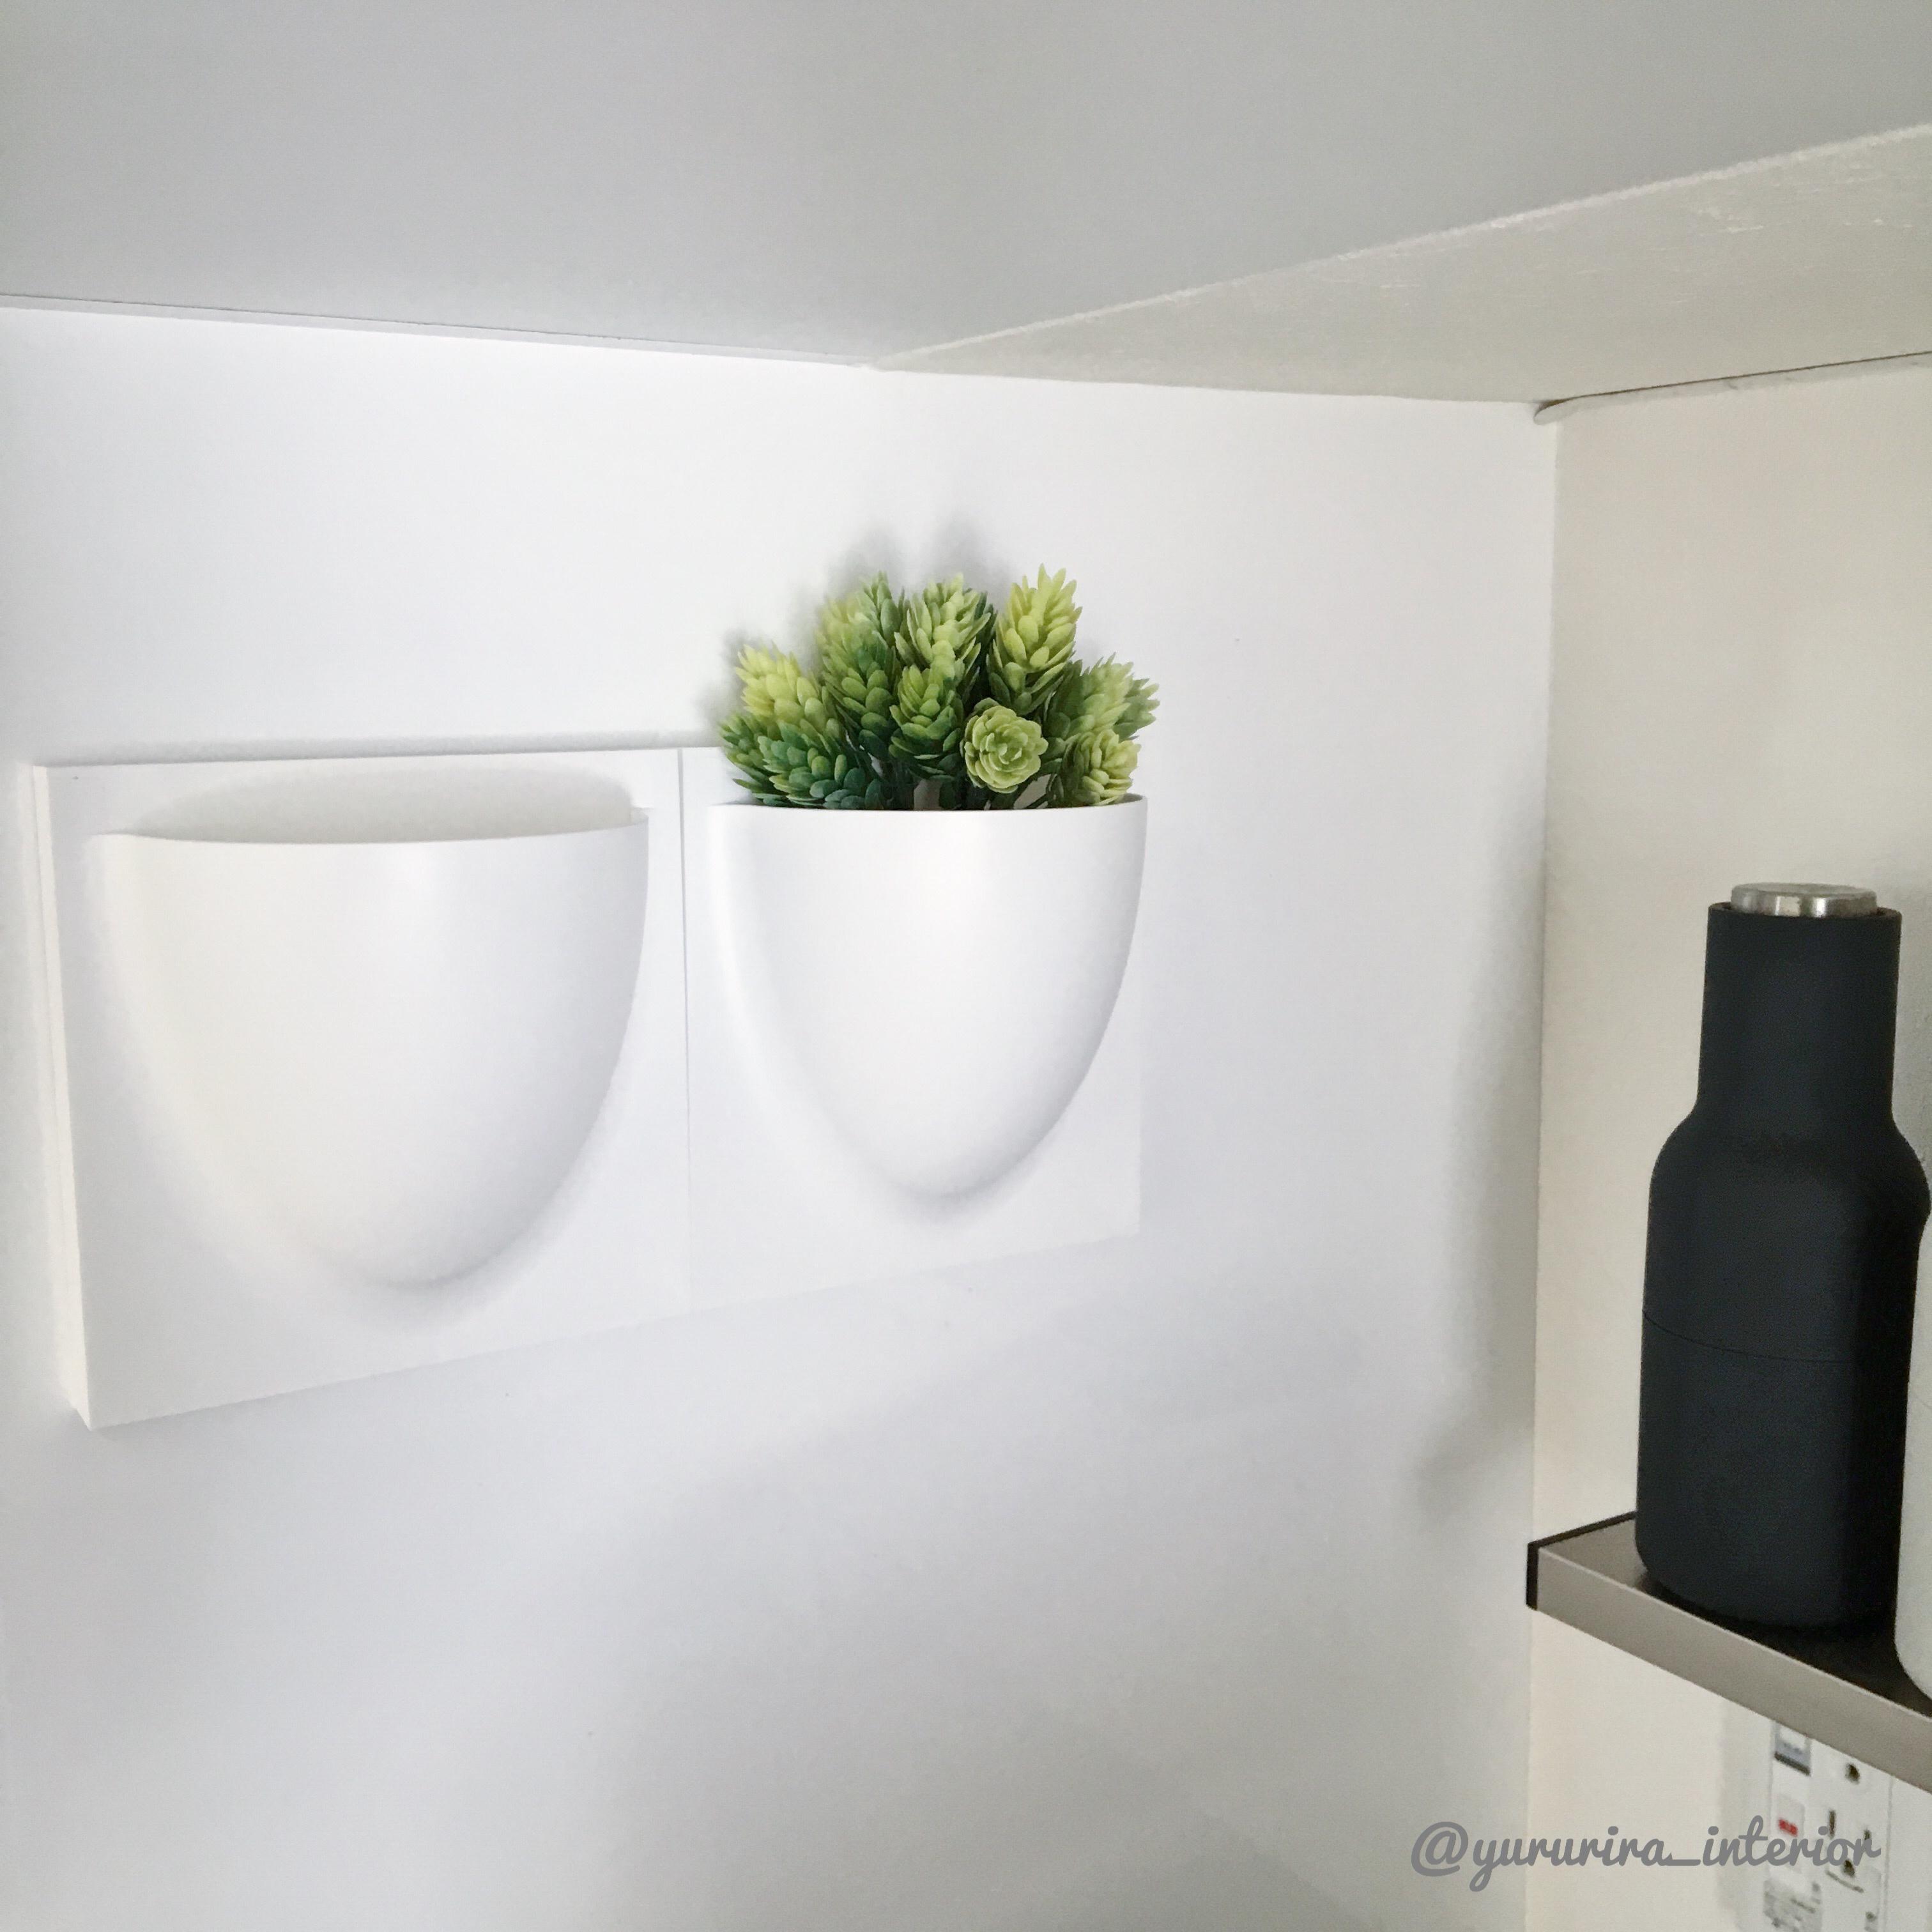 北欧インテリアに憧れて…vertiplants miniをキッチンに設置!